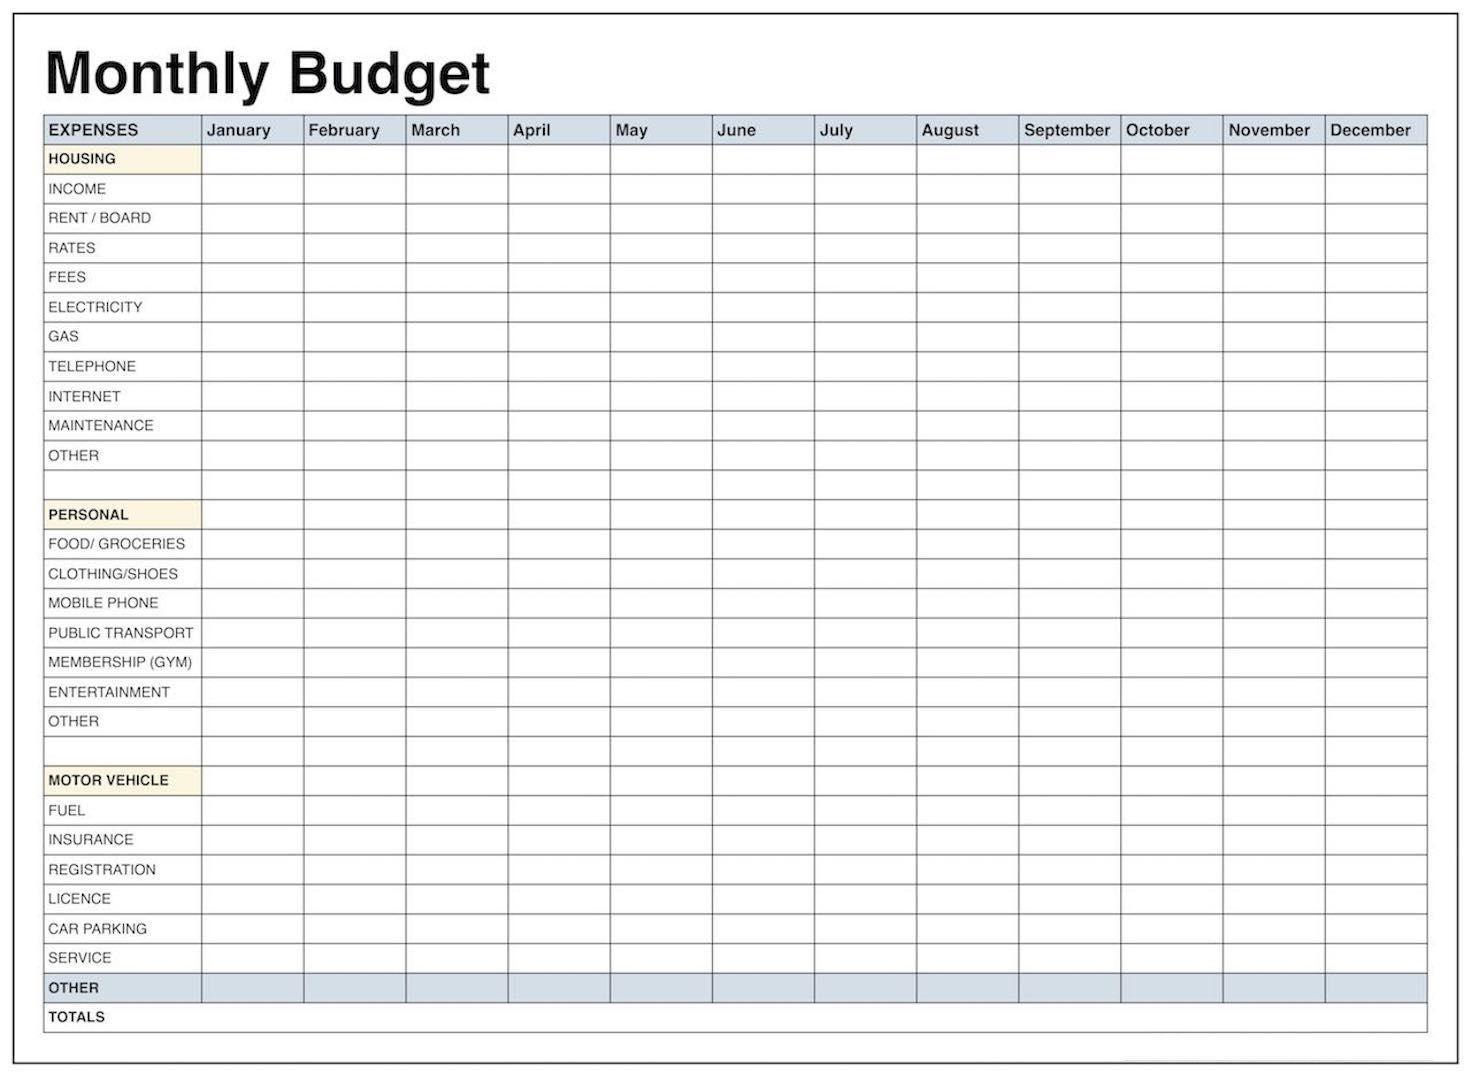 Printable Monthly Budget Worksheet Excel - Koran.sticken.co | Blank Budget Worksheet Printable